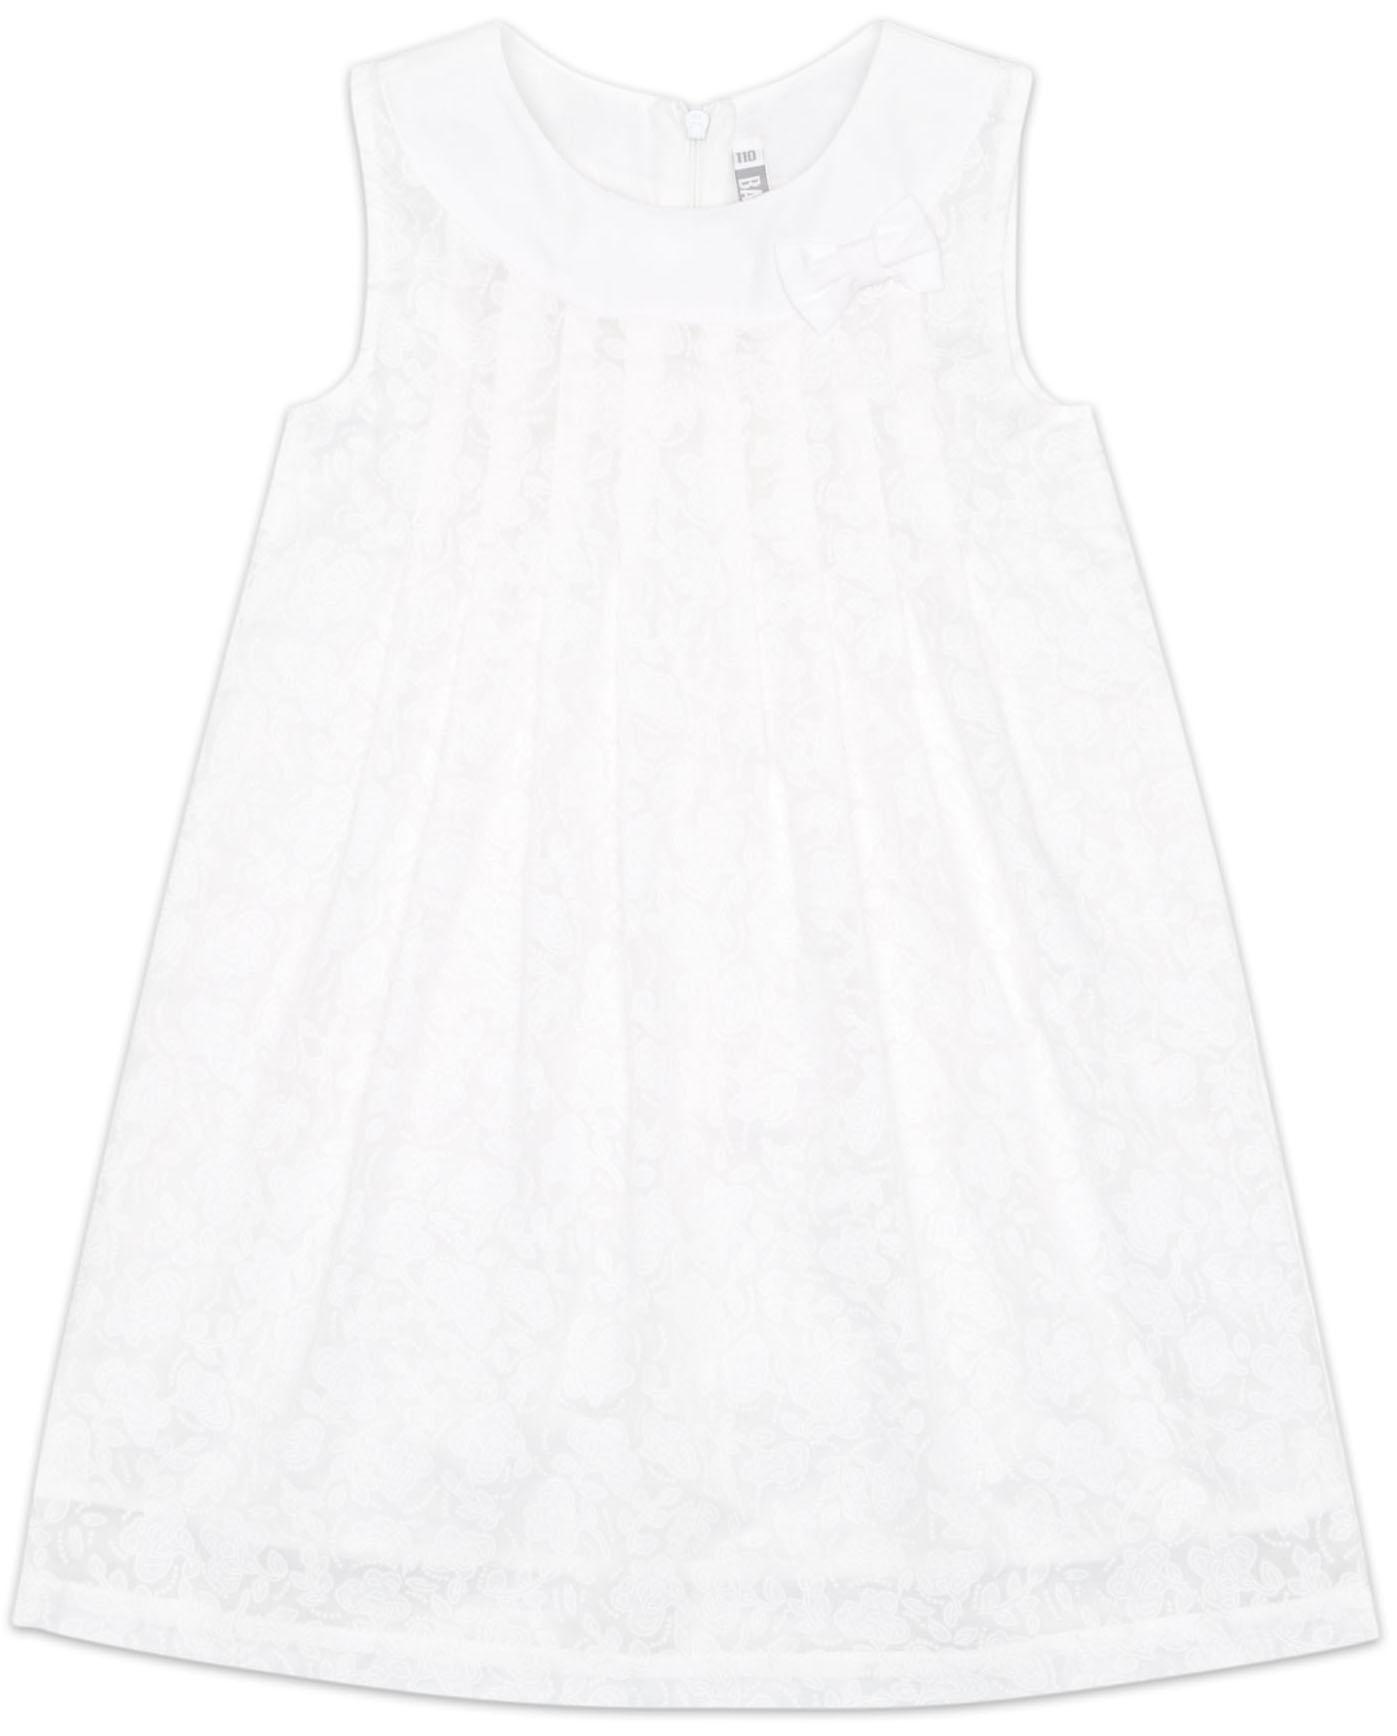 Платья и сарафаны Barkito Платье для девочки Barkito, Цветочный сад, белое повседневные платья